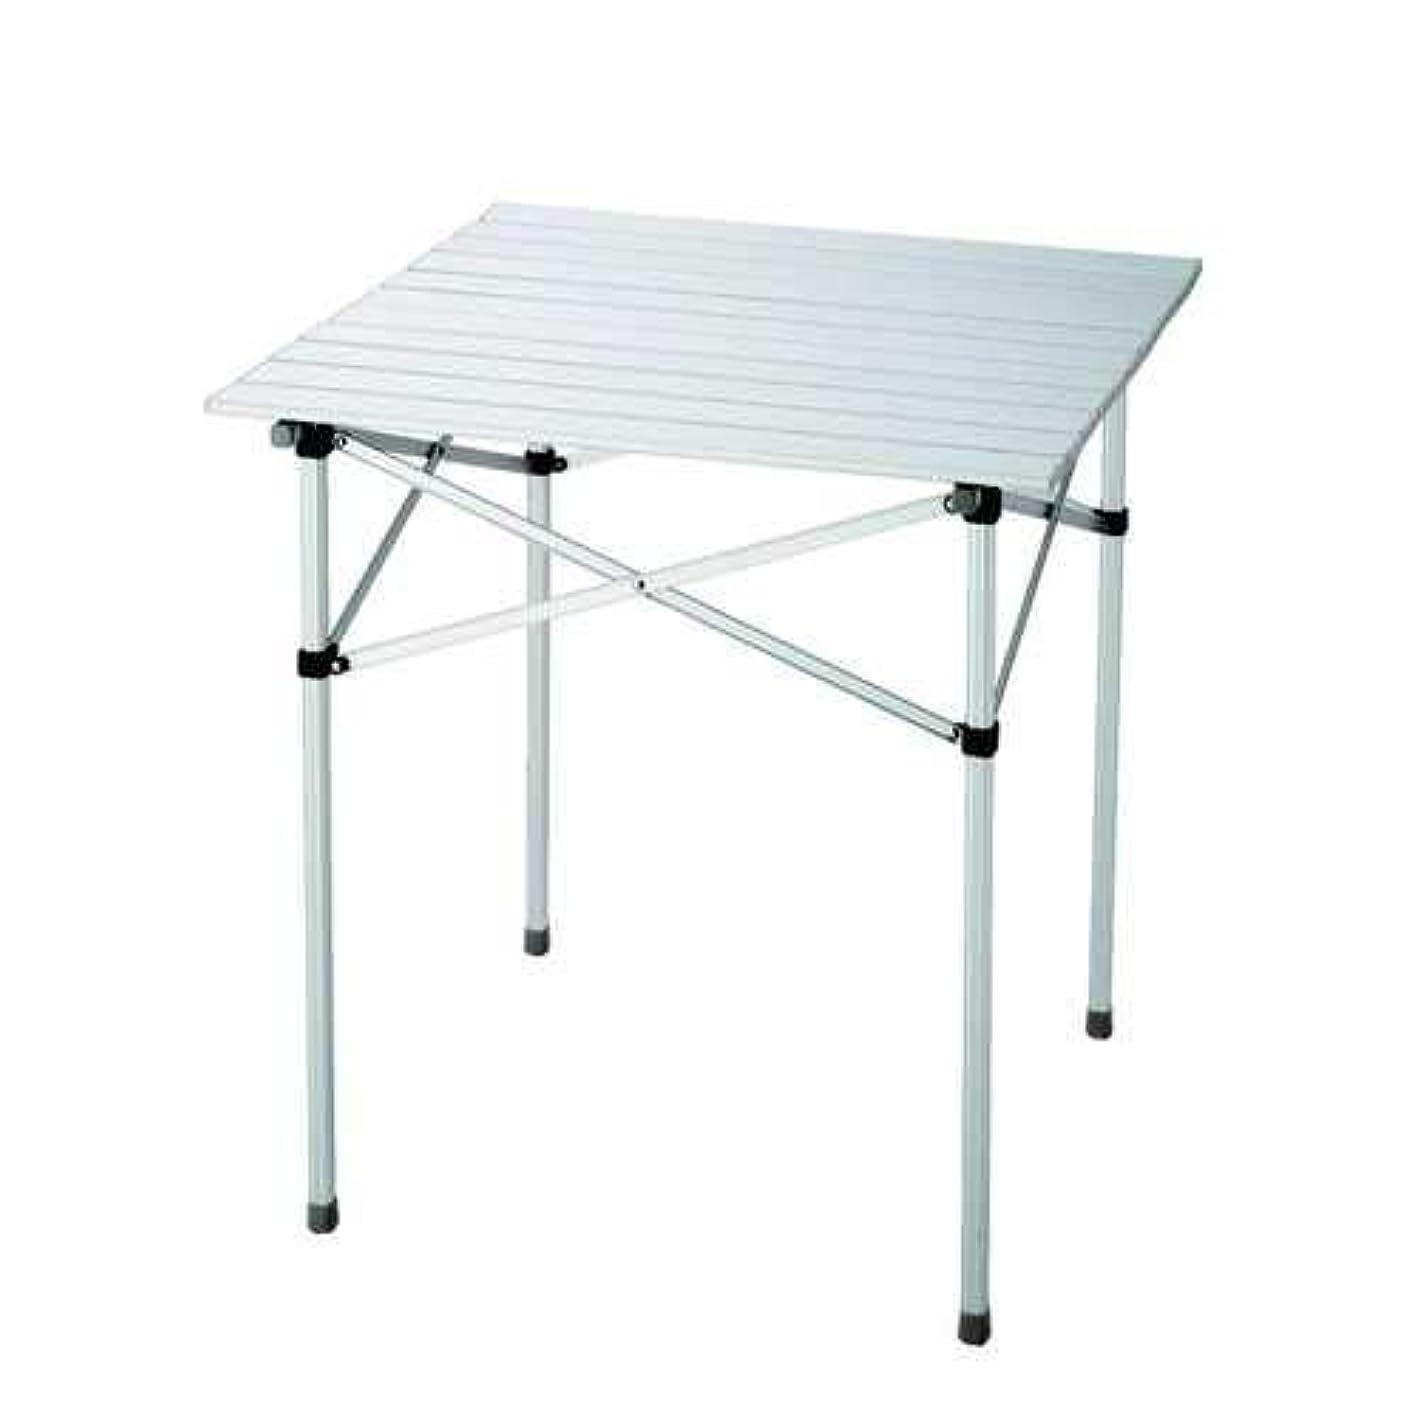 誘発する肯定的王子多機能ロールアップテーブル L-YZ1603